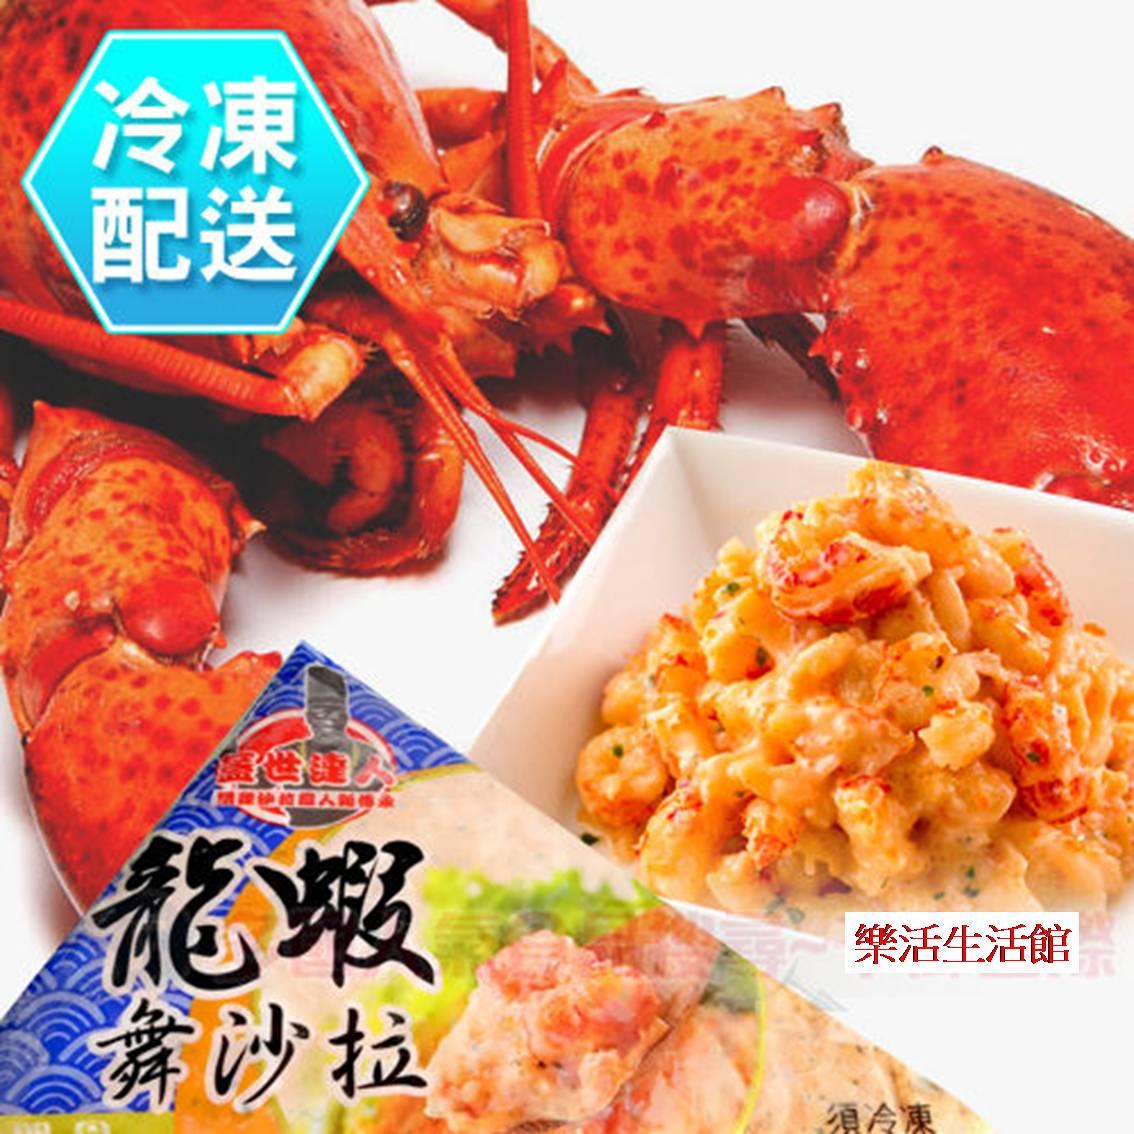 海鮮舞沙拉 龍蝦沙拉500g  【樂活生活館】